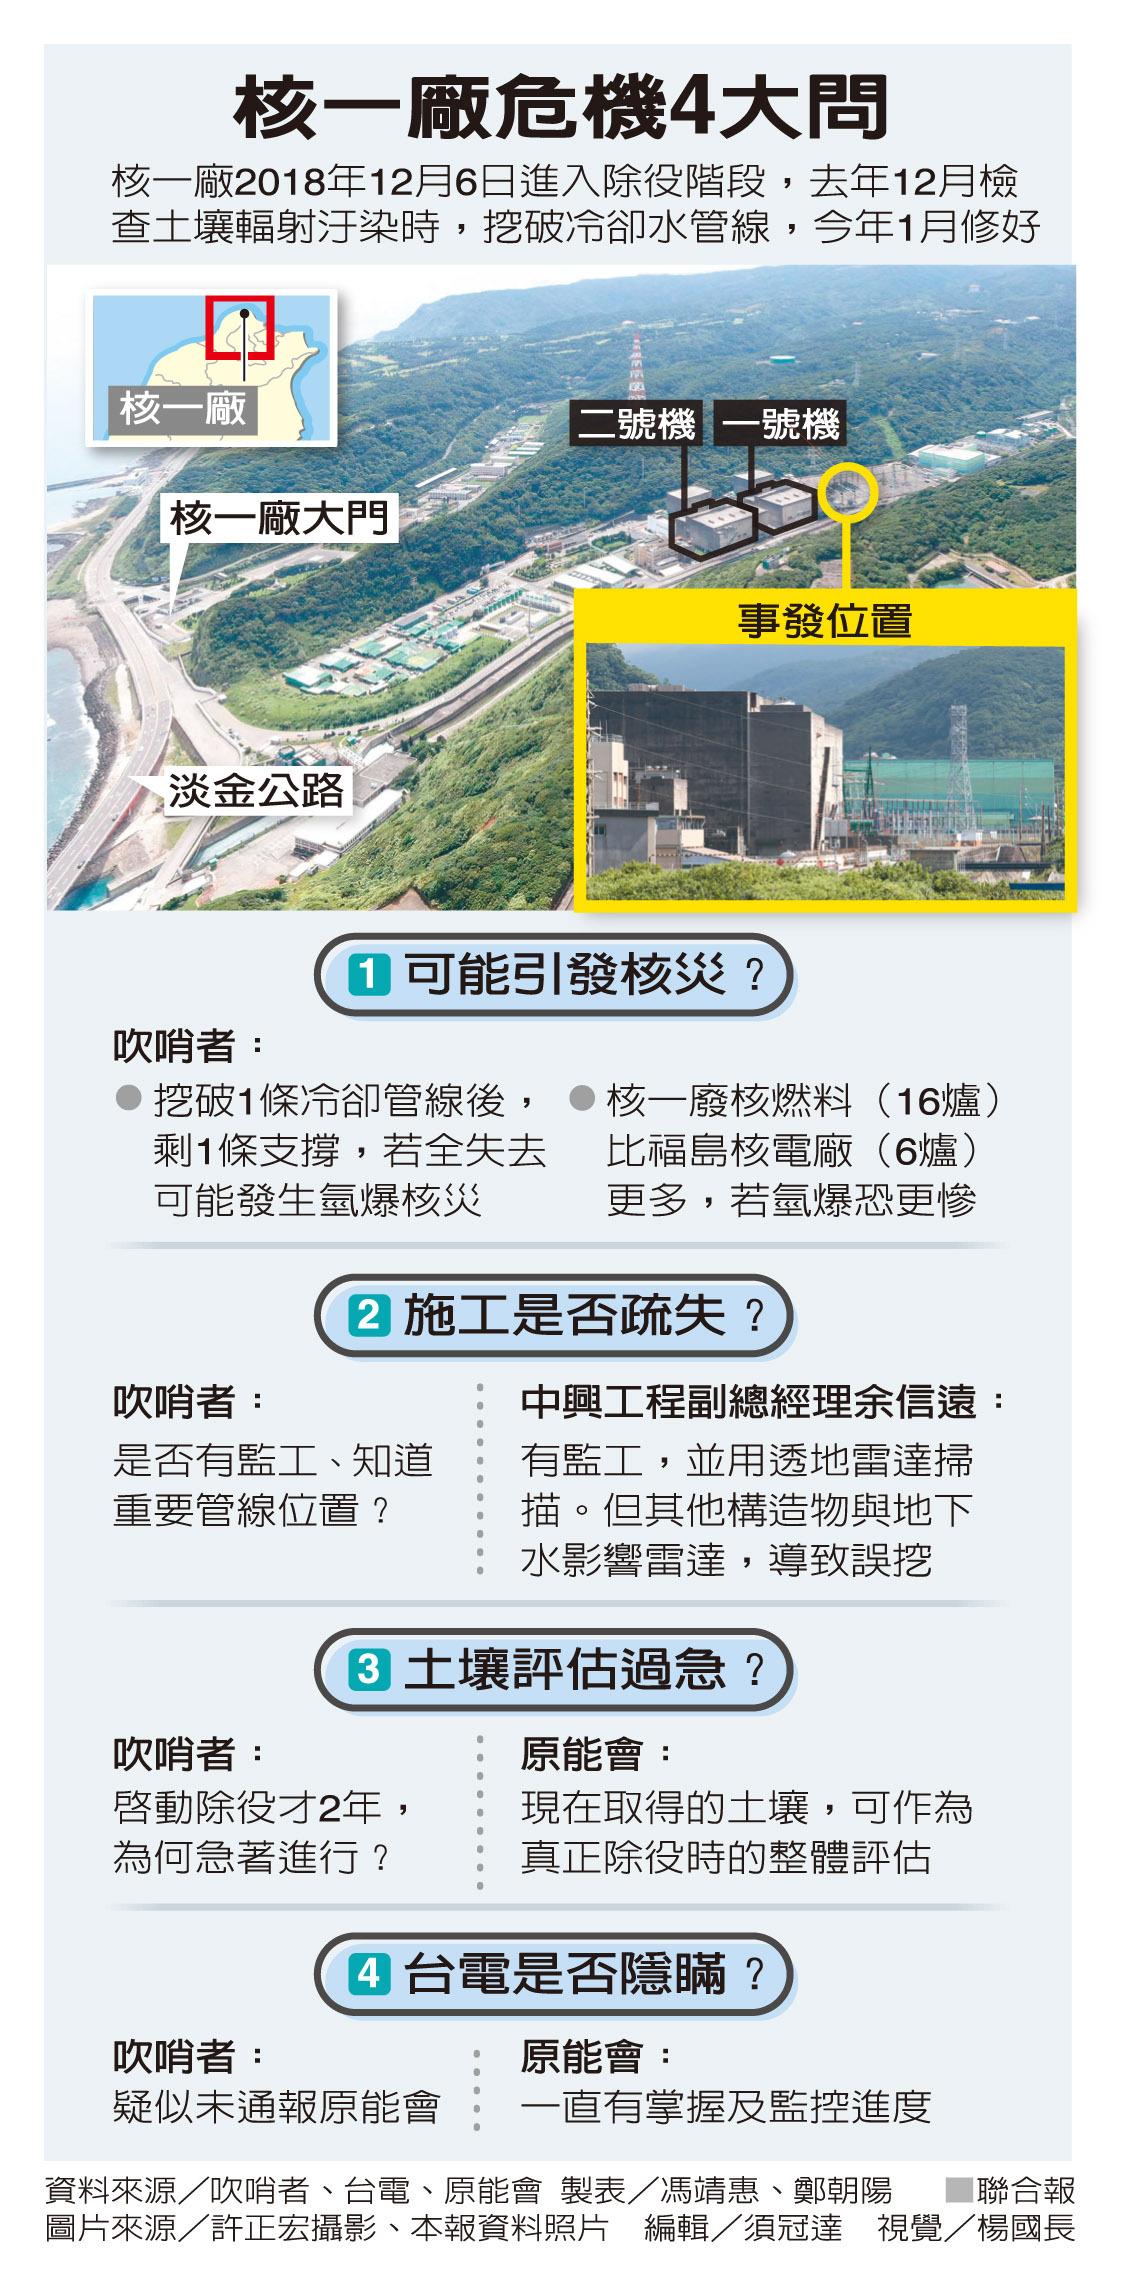 [新聞] 核一廠去年底挖破冷卻水管 陷核災風險